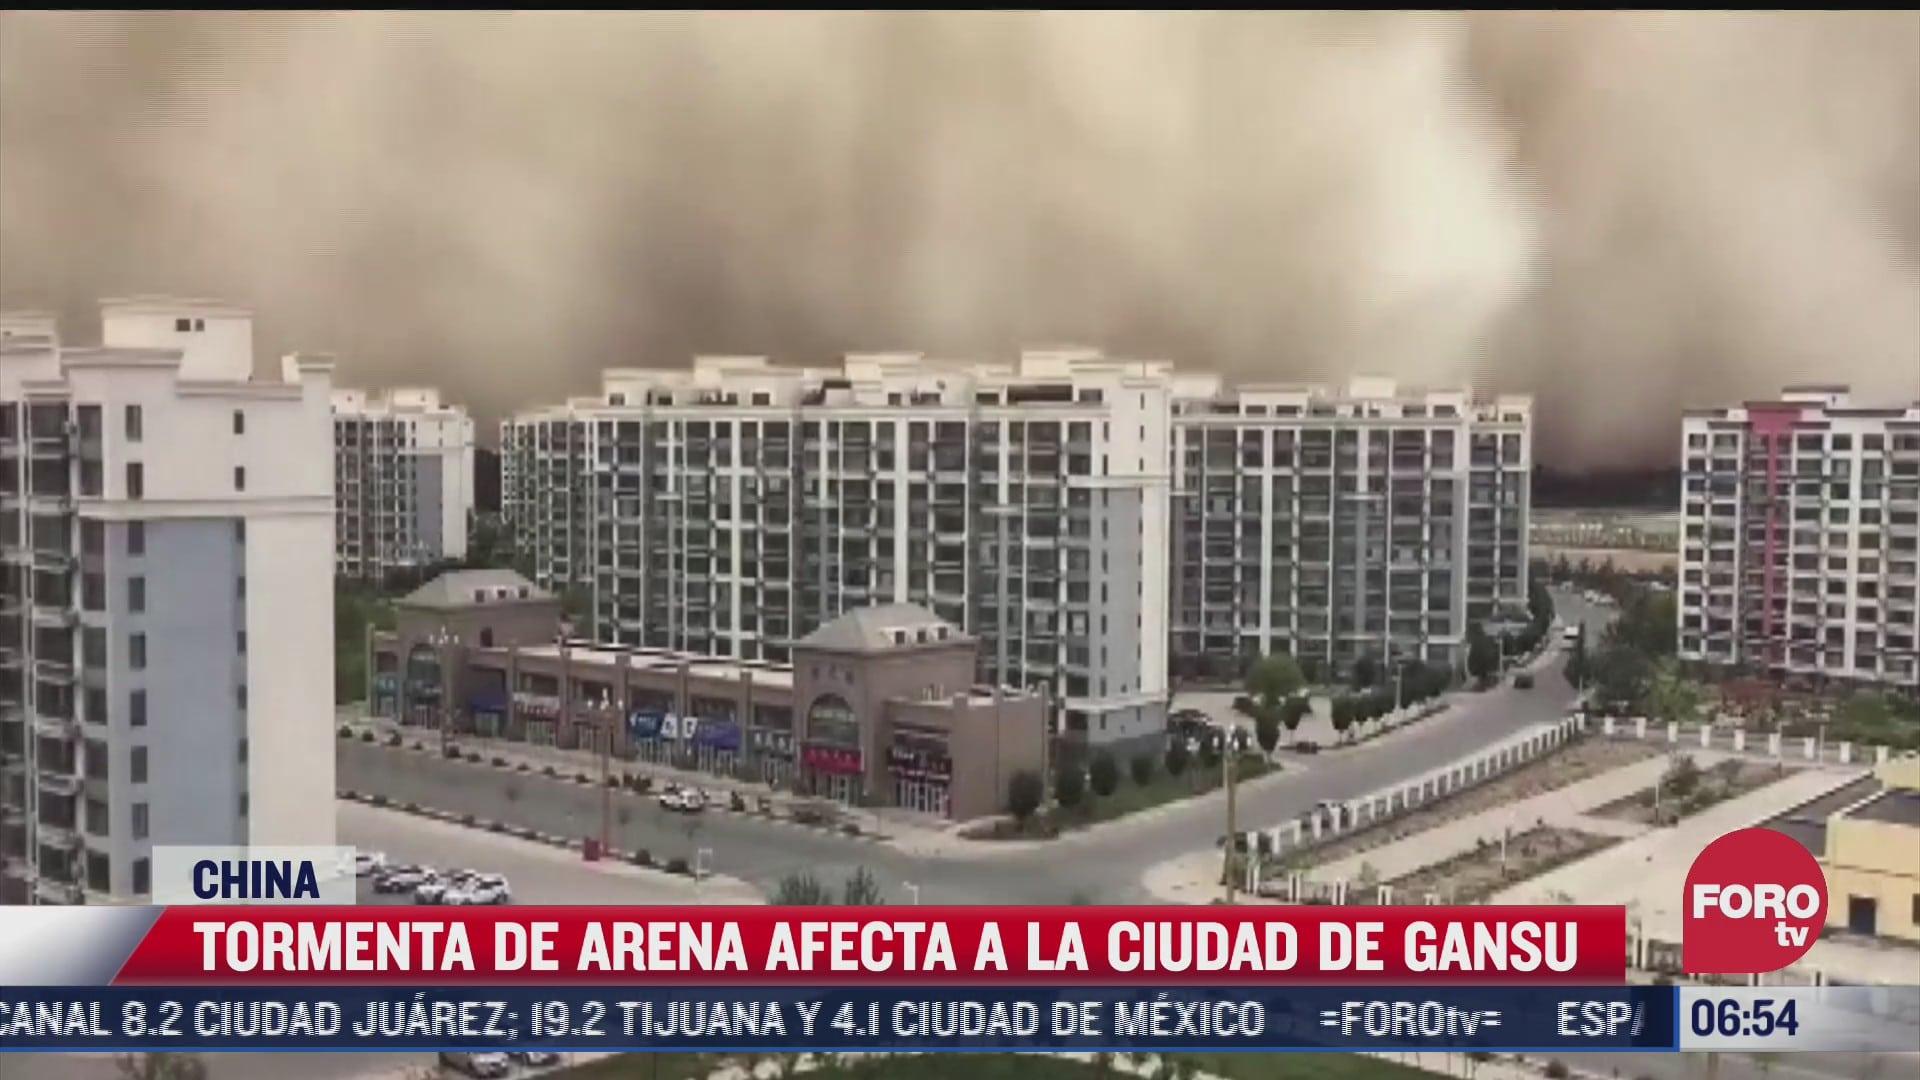 tormenta de arena afecta a la ciudad de gansu china